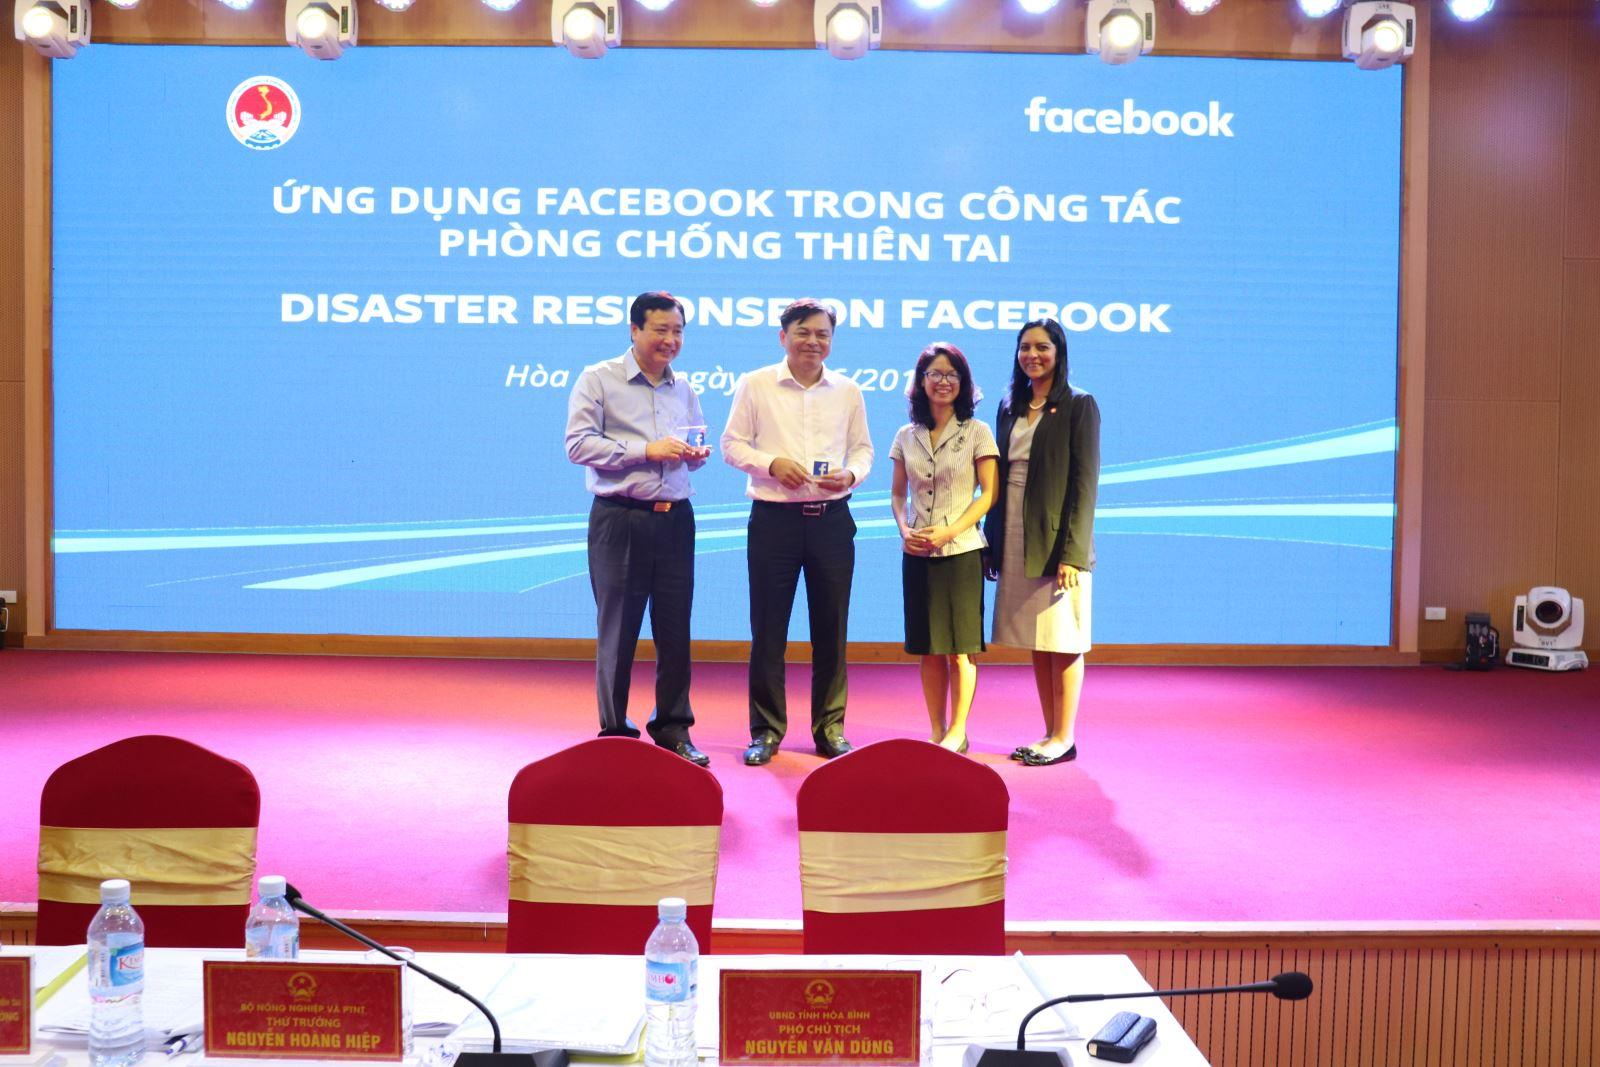 """Tổng cục PCTT tổ chức tập huấn cho các tỉnh thành về """"Ứng dụng mạng xã hội Facebook trong phòng chống thiên tai"""" ( ảnh Tổng cục PCTT cung cấp)"""